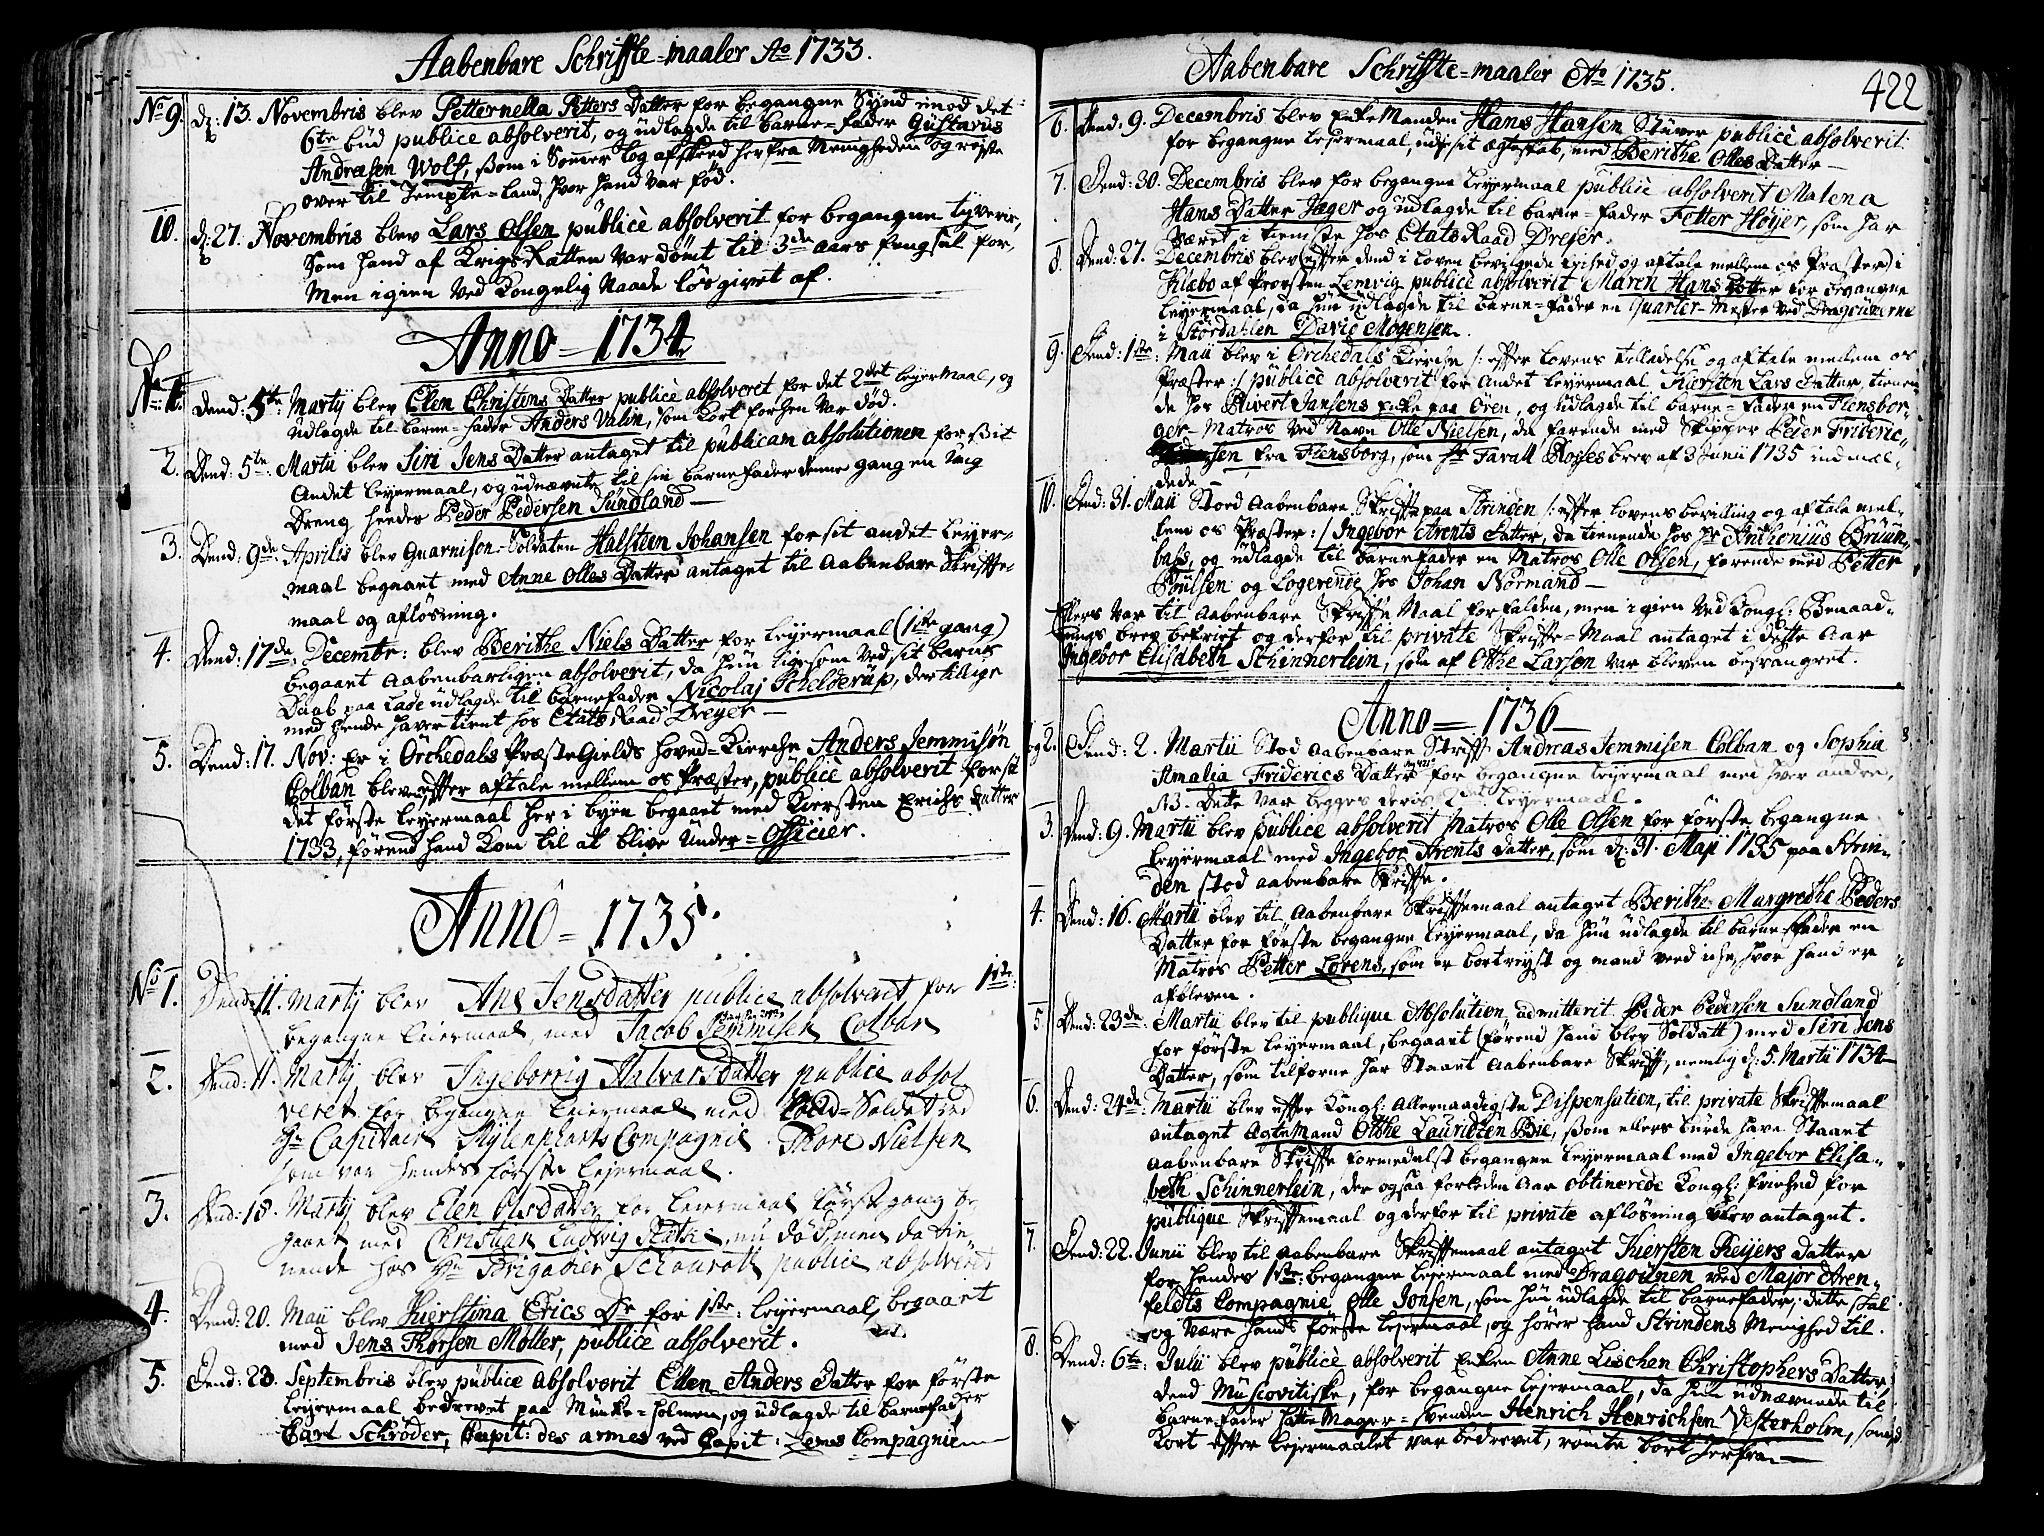 SAT, Ministerialprotokoller, klokkerbøker og fødselsregistre - Sør-Trøndelag, 602/L0103: Ministerialbok nr. 602A01, 1732-1774, s. 422